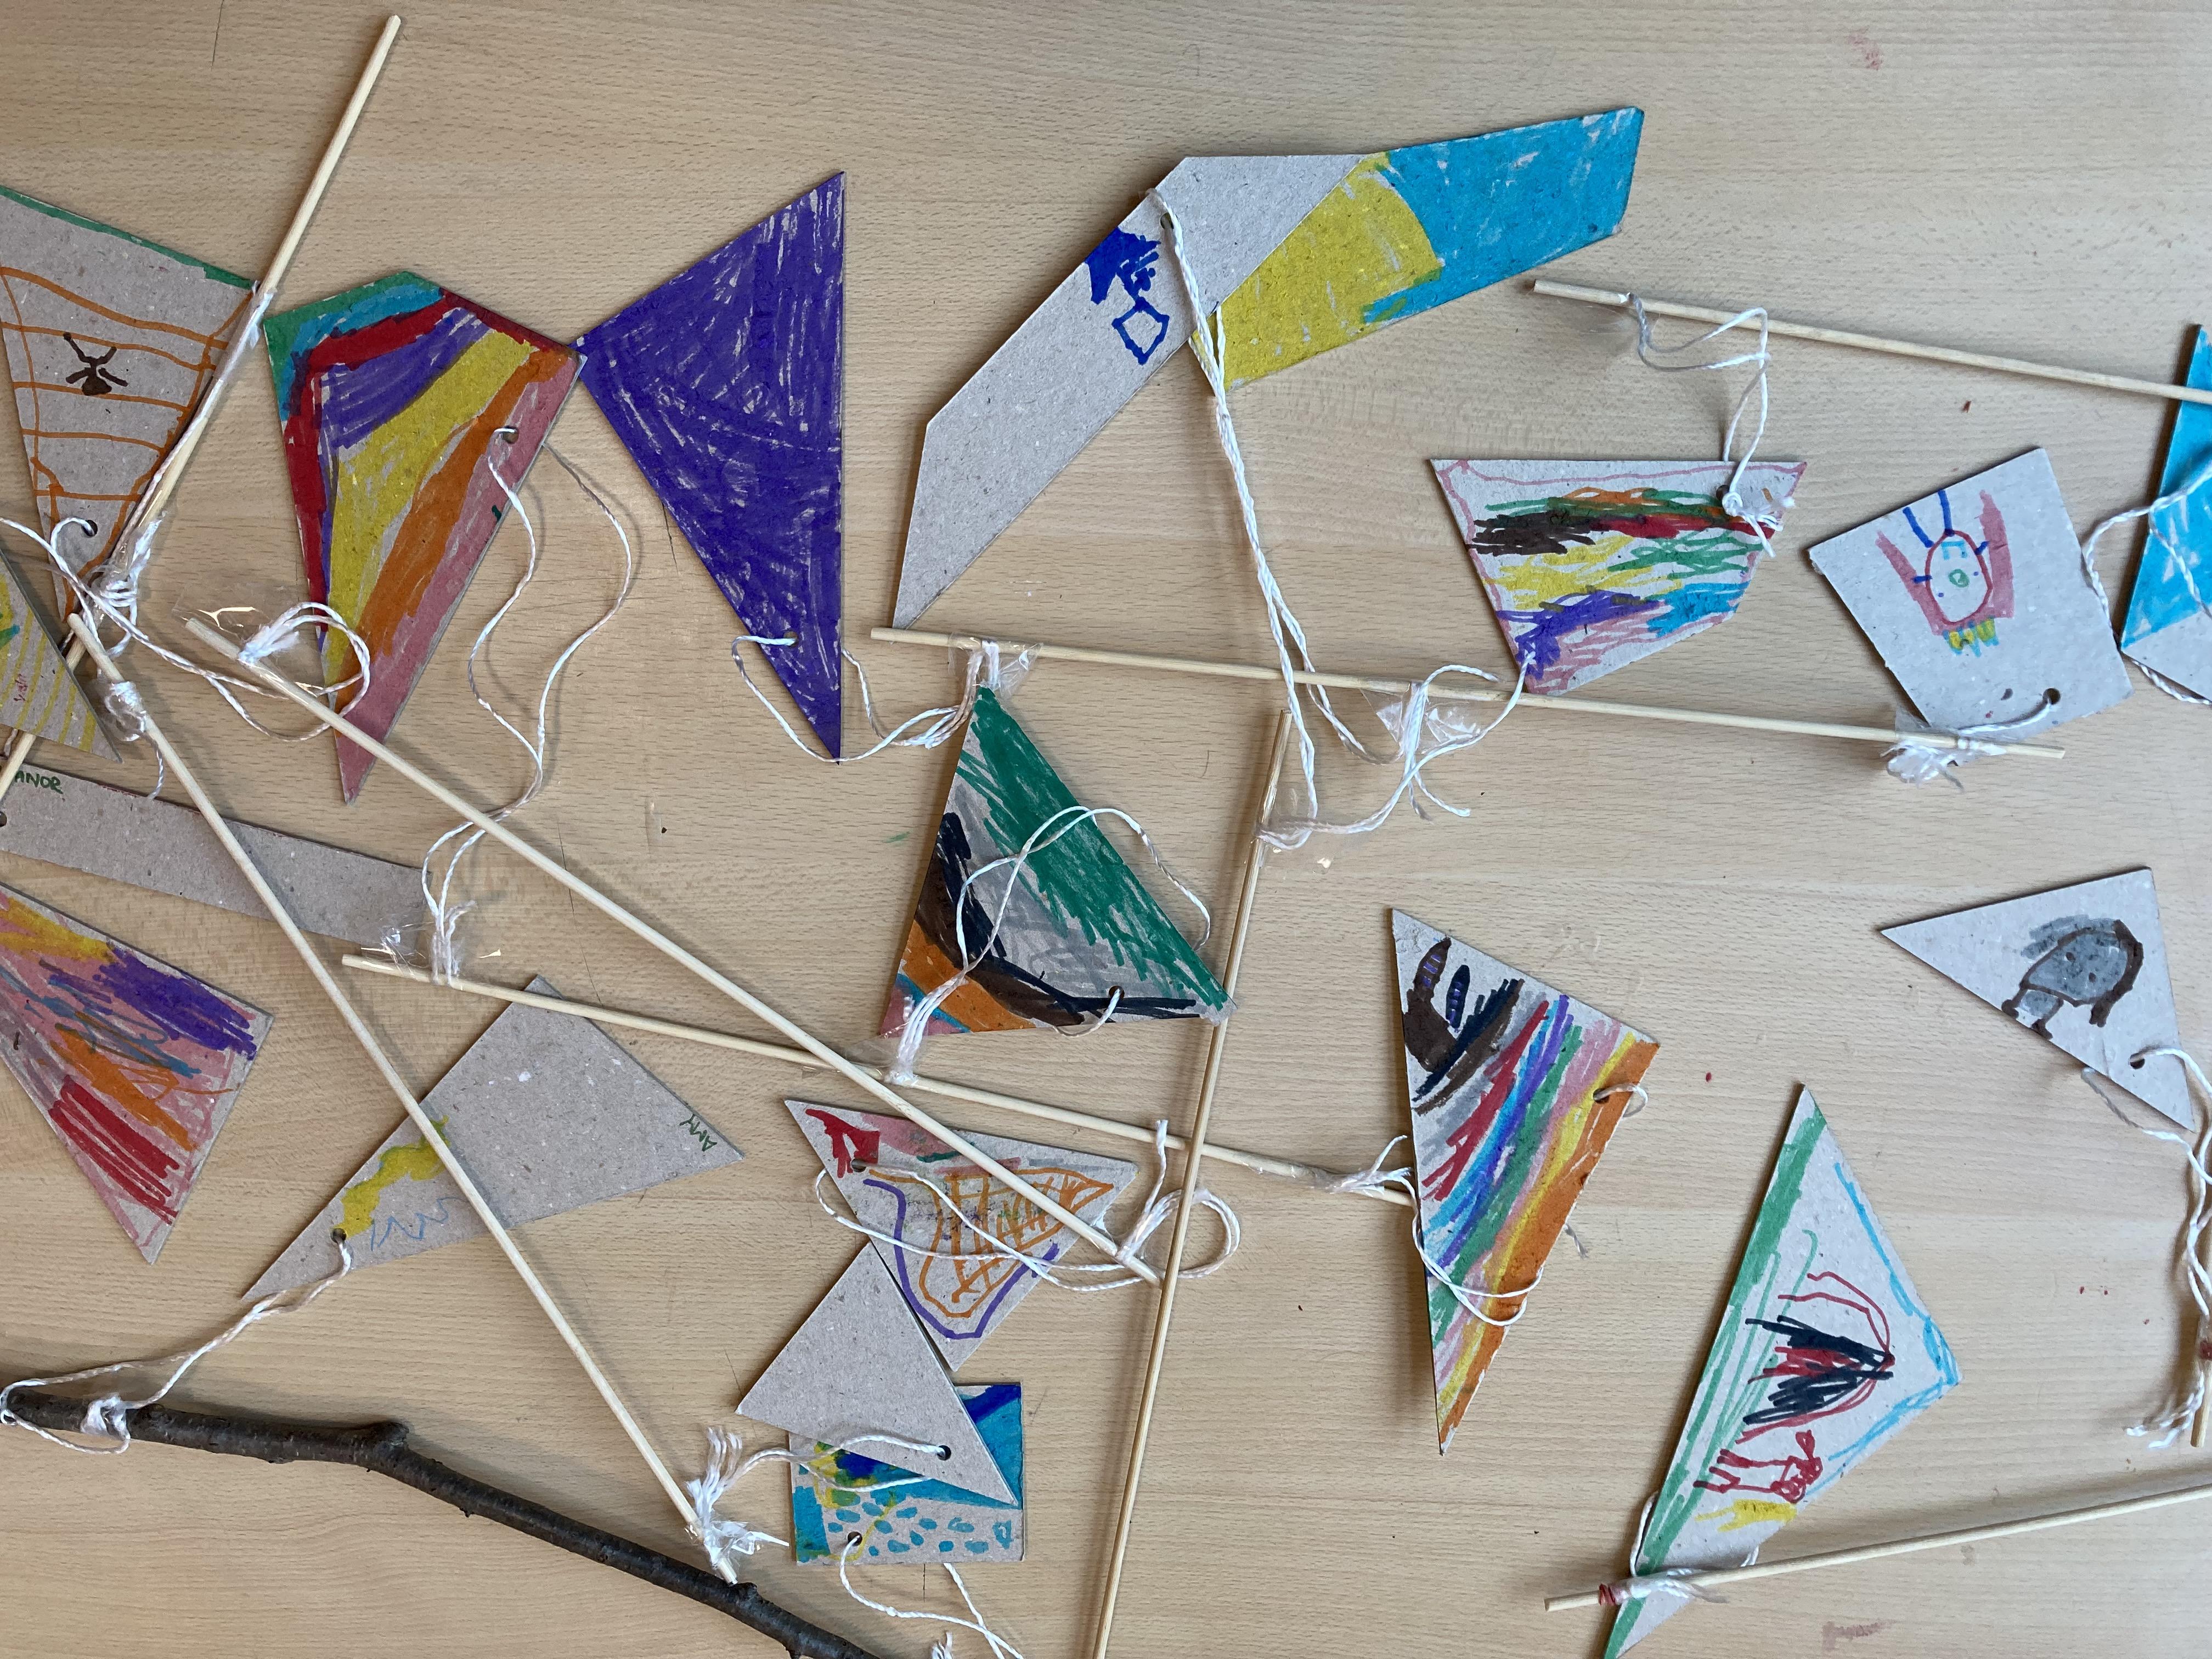 auf einem Tisch liegen verstreut Stäbe, an denen jeweils 2 Ecken aus Pappe angebracht sind. Auf den pappen sind gezeichnete Motive der Kinder in bunten Farben